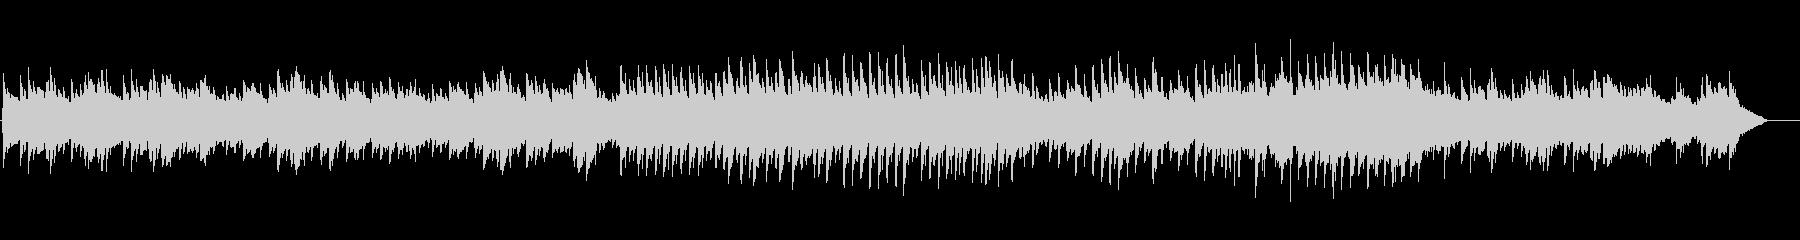 感傷的な三拍子のピアノオリジナル曲です。の未再生の波形